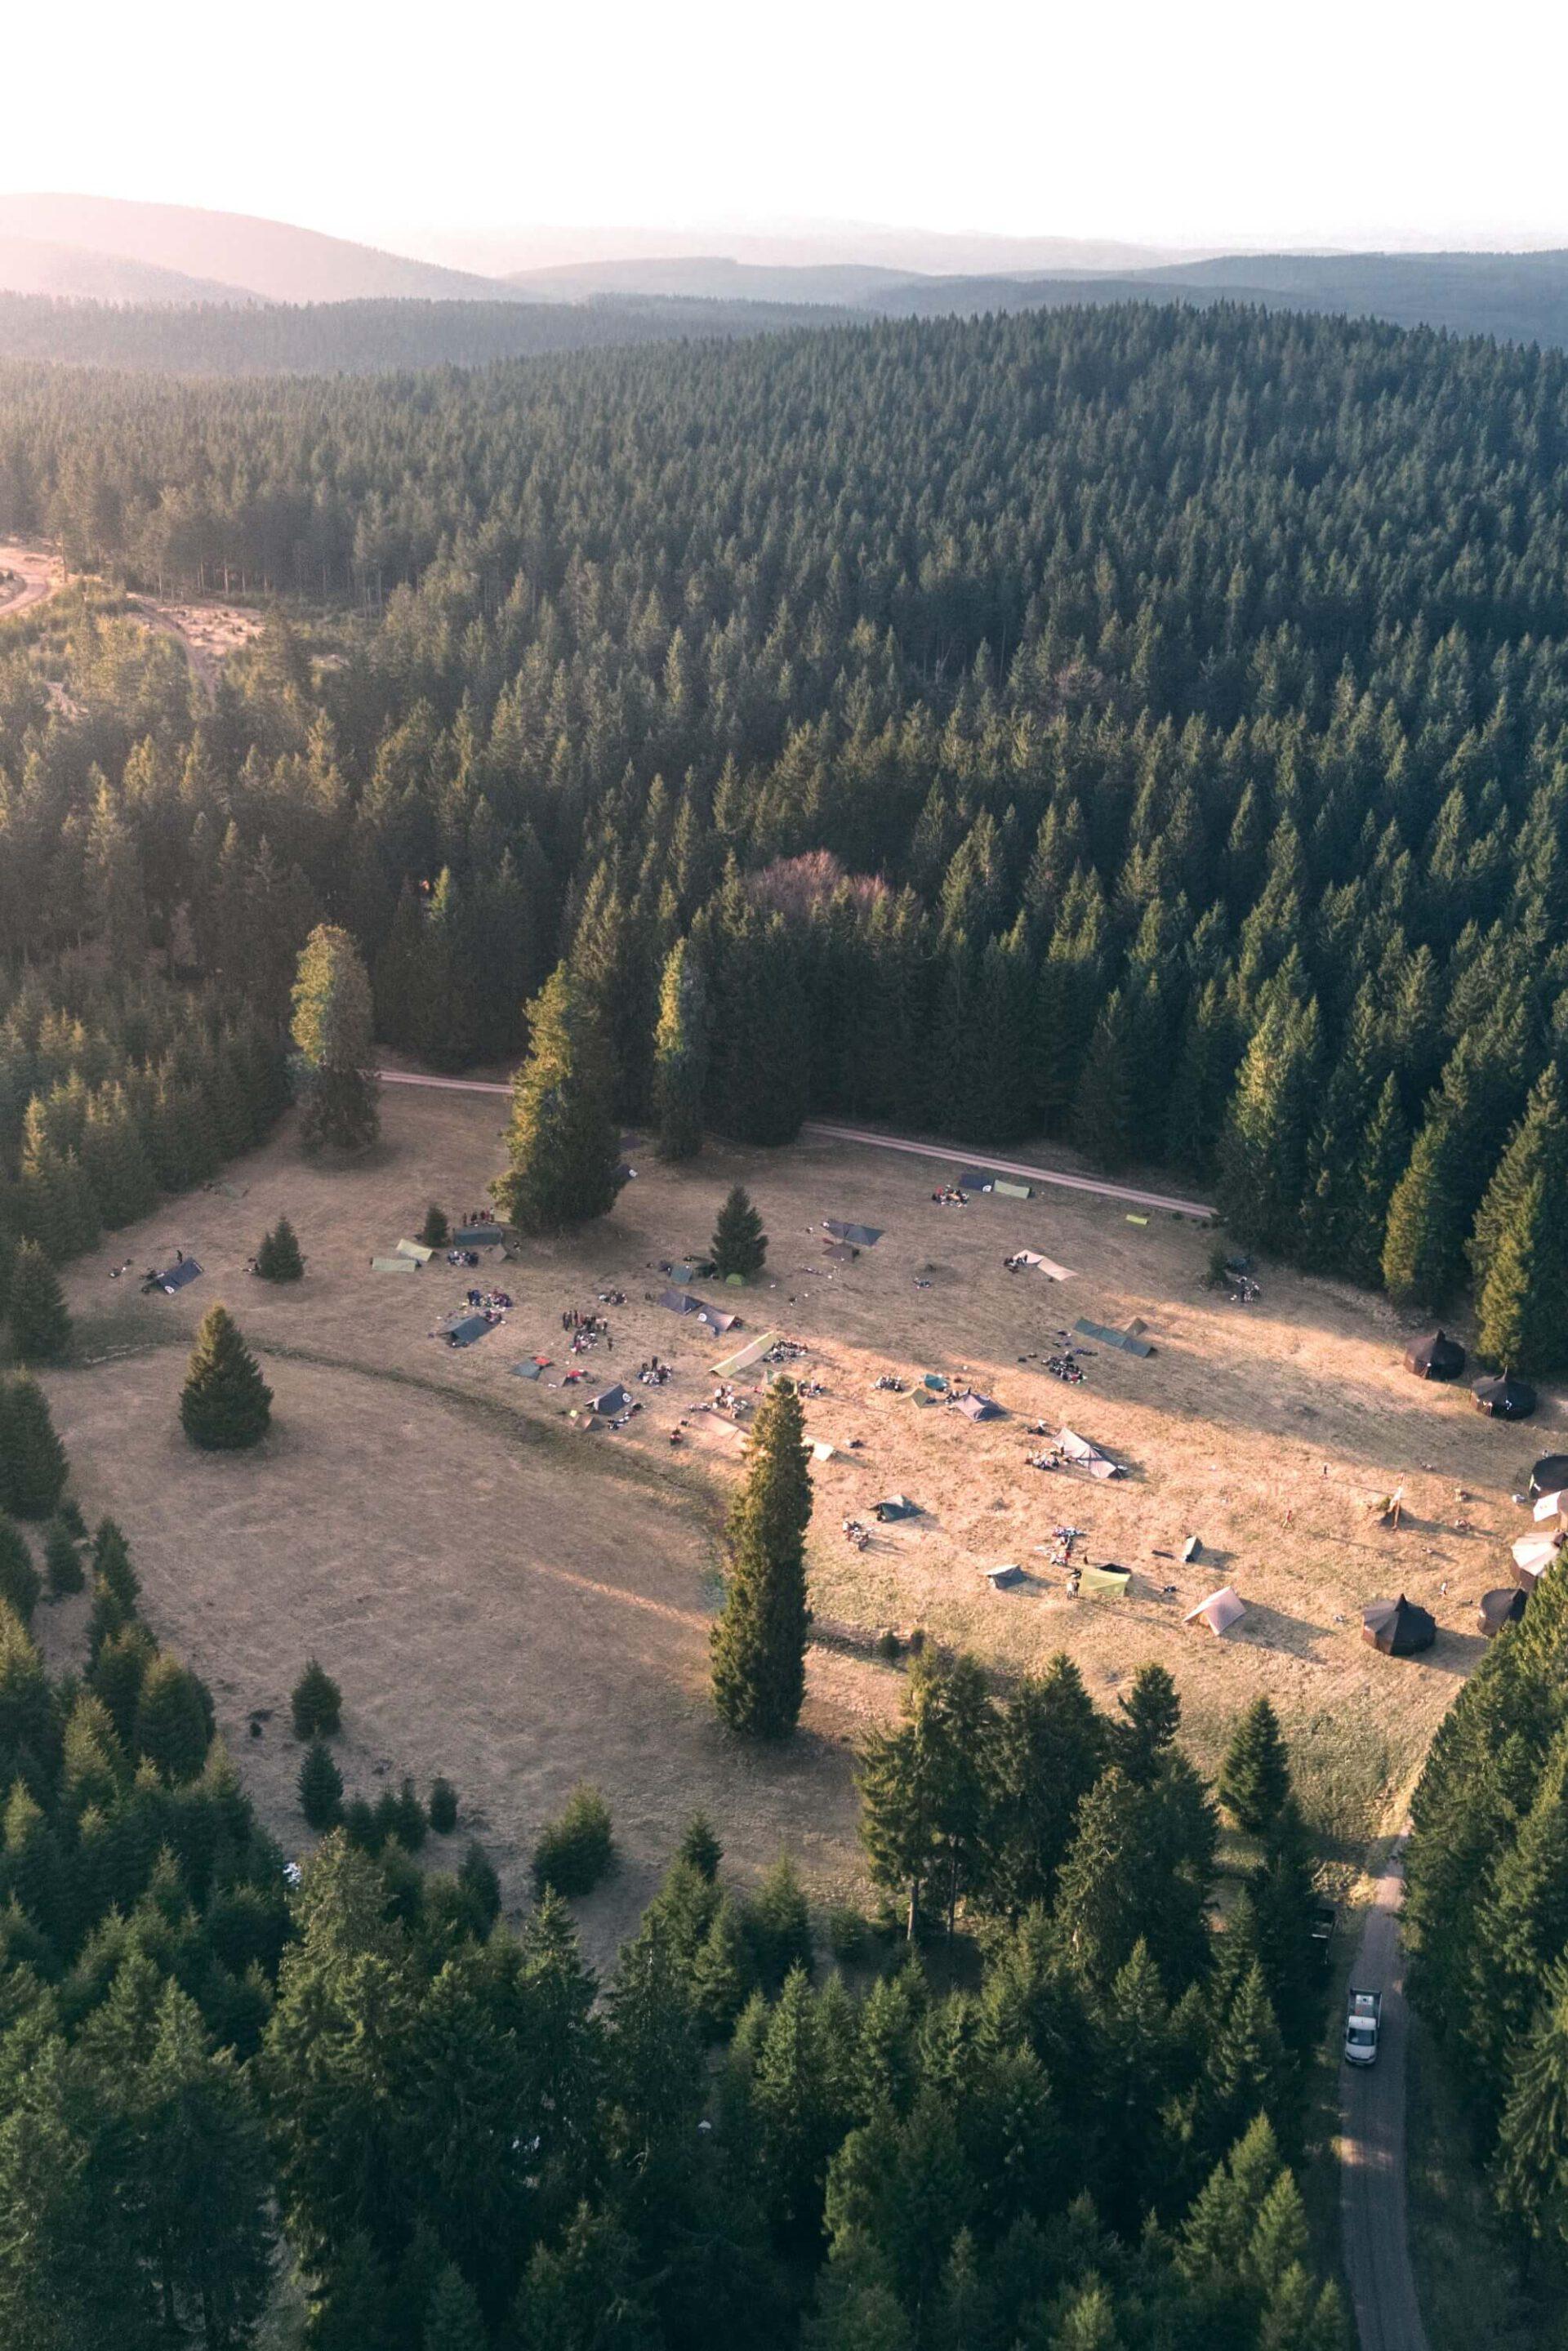 Zeltlager im Thüringer Wald bei Sonnenuntergang